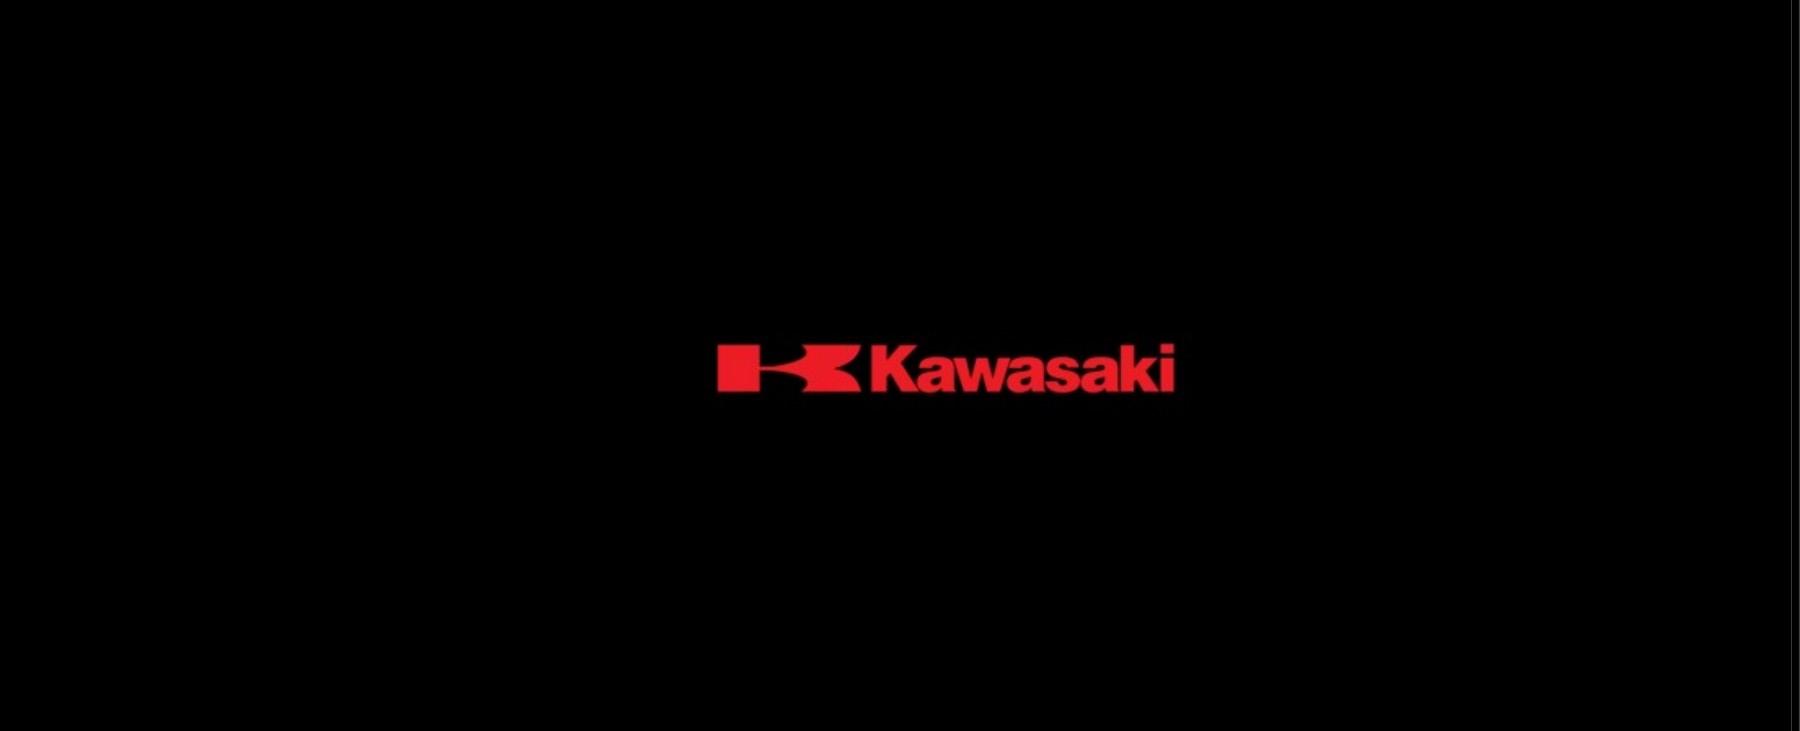 KAWASAKI KZ 1000 LTD DE JOHNNY HALLYDAY ( 1978 ) Sans_217